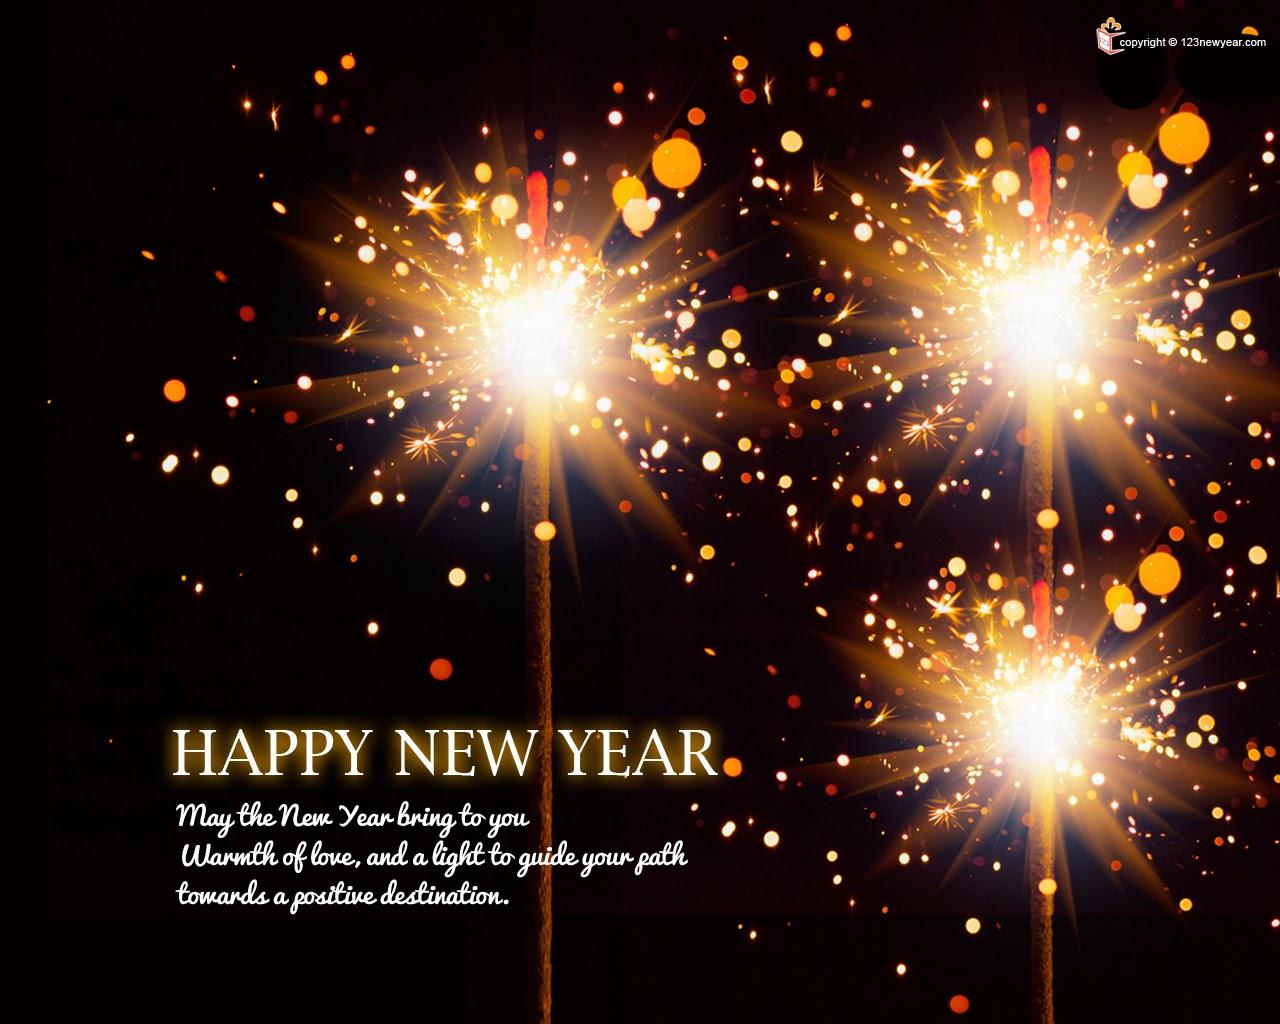 Kumpulan Gambar Ucapan Selamat Tahun Baru Ngawi Cyber